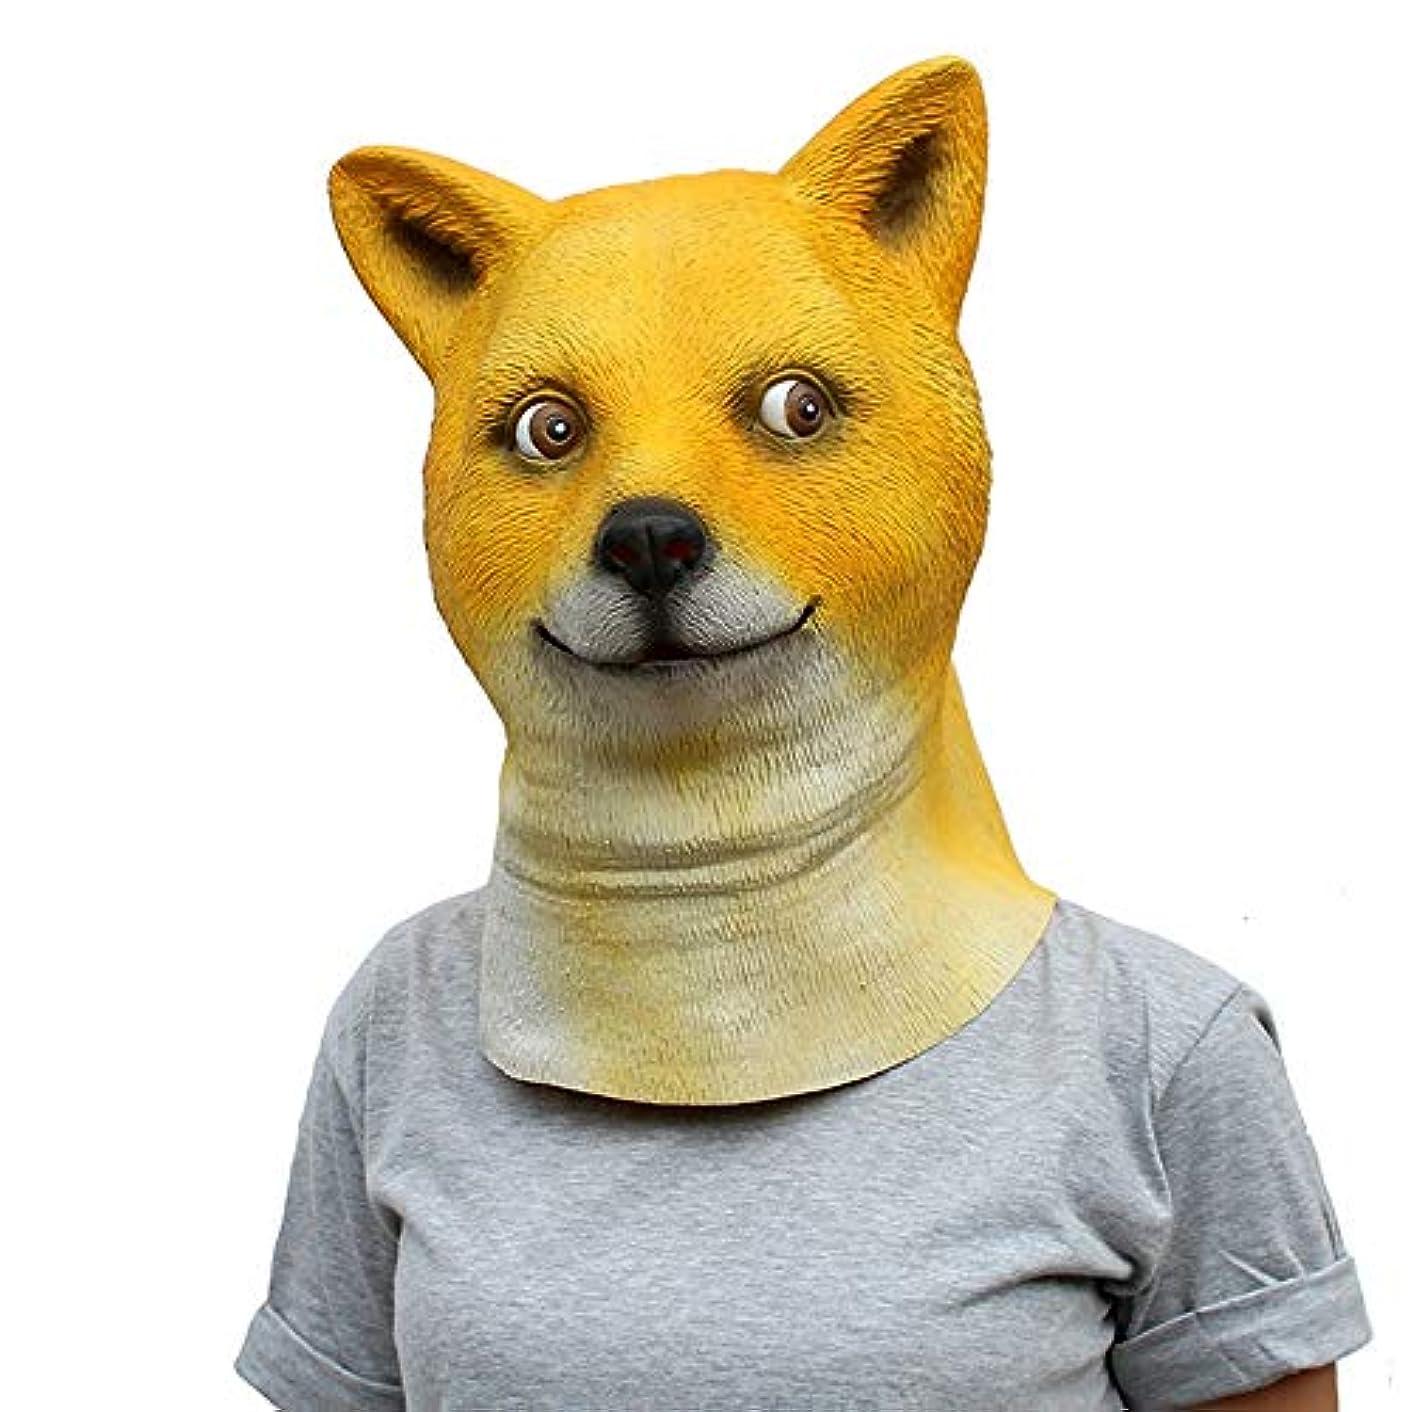 しなやかな維持加害者ハロウィンラテックスマスクかわいい犬ヘッドマスクバーダンスパーティー小道具フェイスマスク